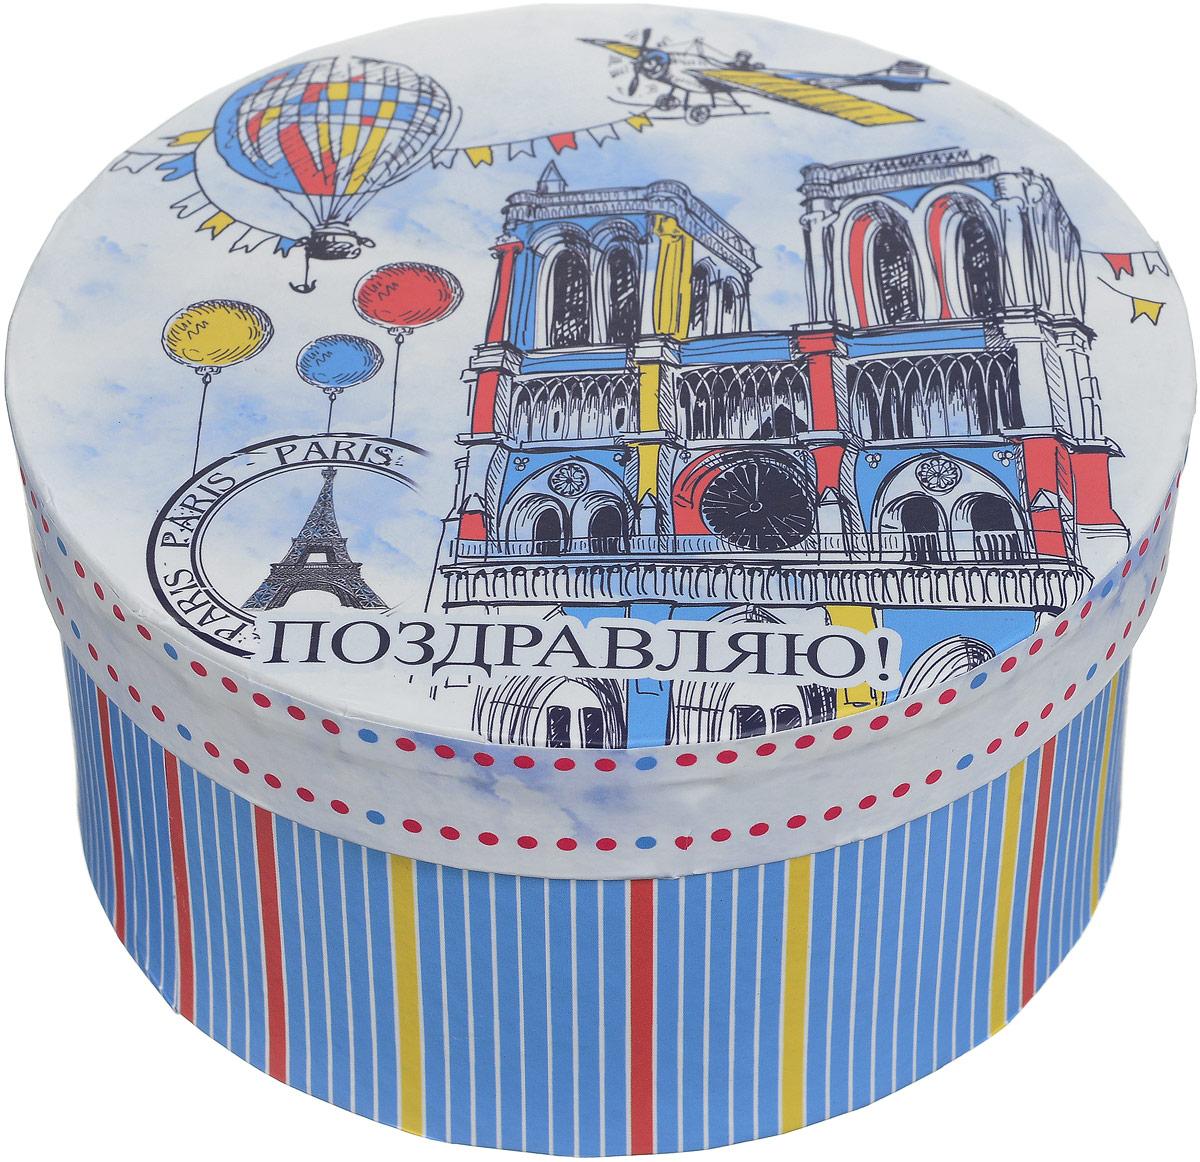 Коробка подарочная Magic Home Нотр-Дам, круглая, 14 х 14 х 7 см44280Подарочная коробка Magic Home Нотр-Дам, выполнена из мелованного ламинированного картона. Коробочка оформлена ярким рисунком. Изделие имеет круглую форму и закрывается крышкой с надписью Поздравляю!. Подарочная коробка - это наилучшее решение, если вы хотите порадовать близких людей и создать праздничное настроение, ведь подарок, преподнесенный в оригинальной упаковке, всегда будет самым эффектным и запоминающимся. Окружите близких людей вниманием и заботой, вручив презент в нарядном, праздничном оформлении. Плотность картона: 1100 г/м2.